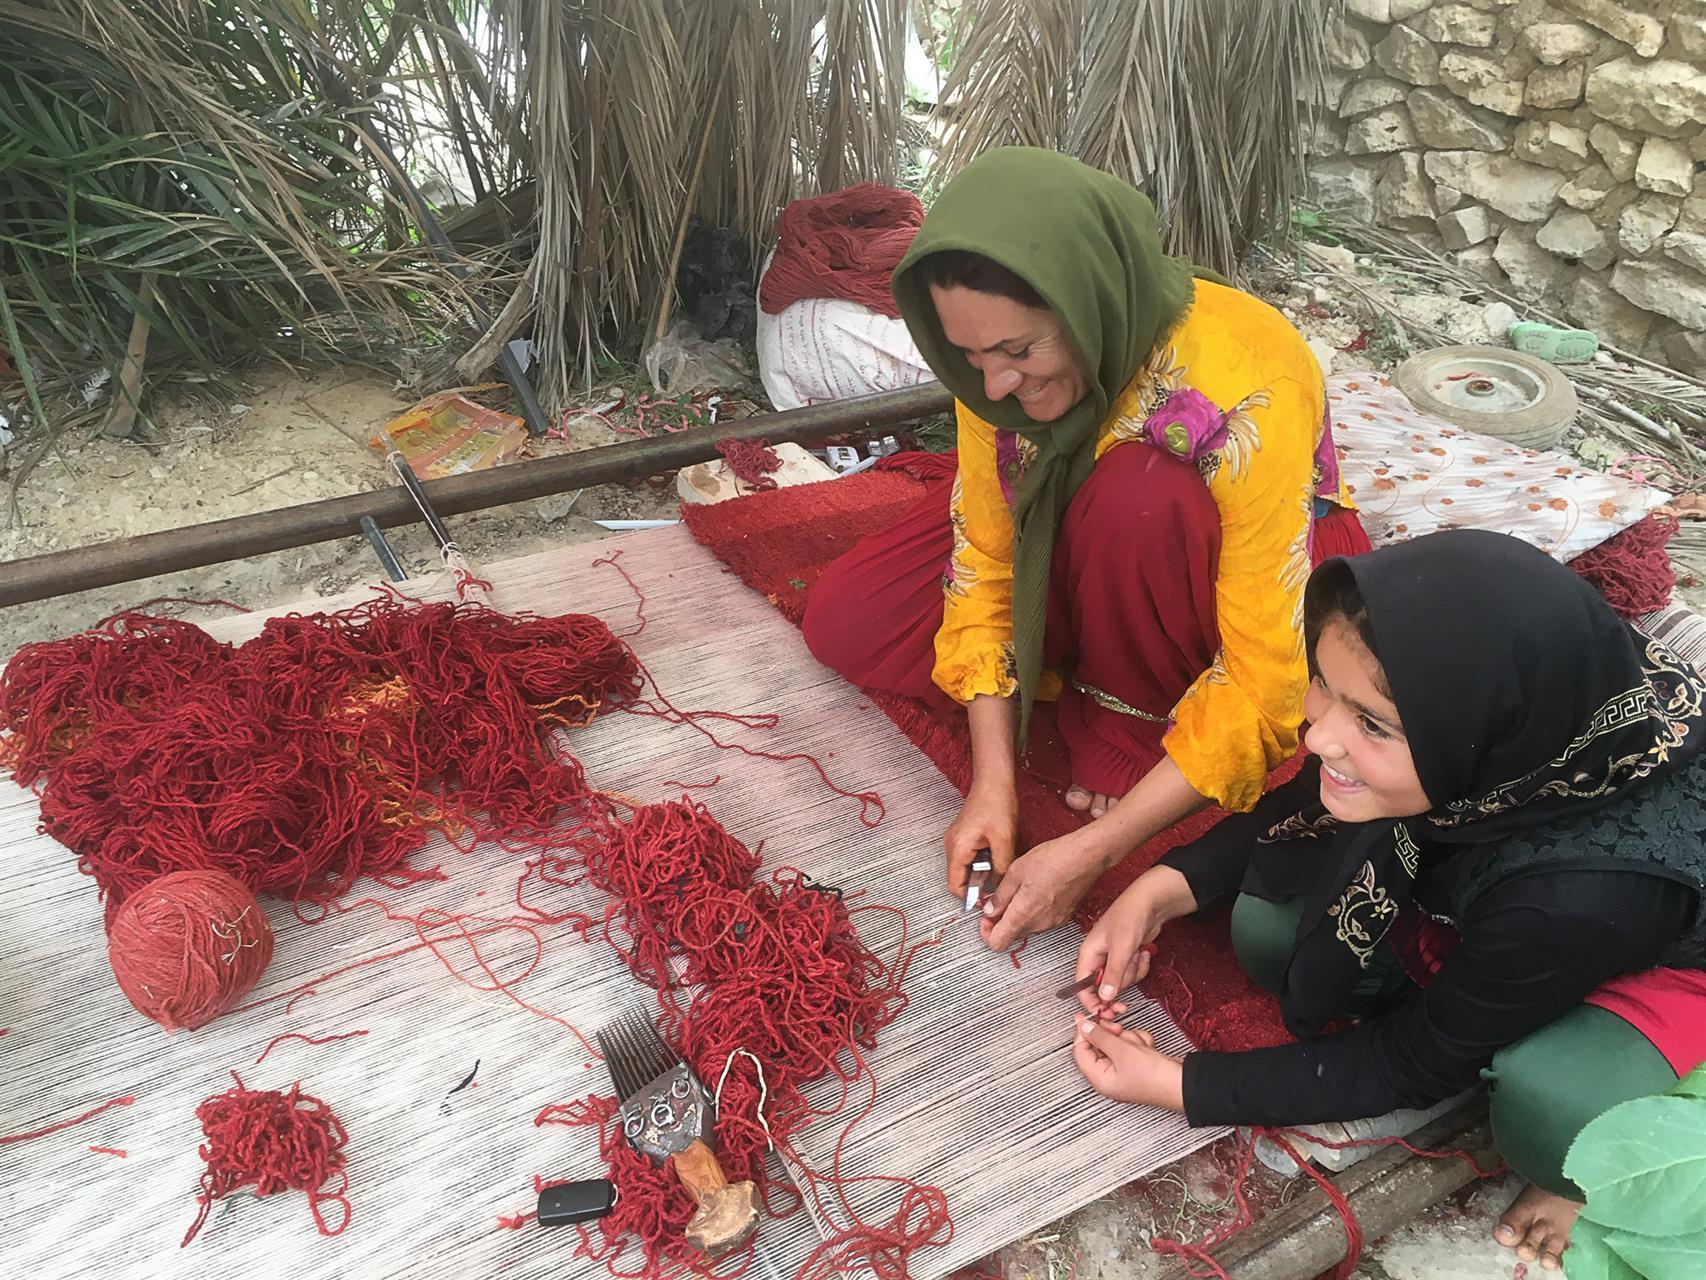 Knytting av teppe i en iransk landsby